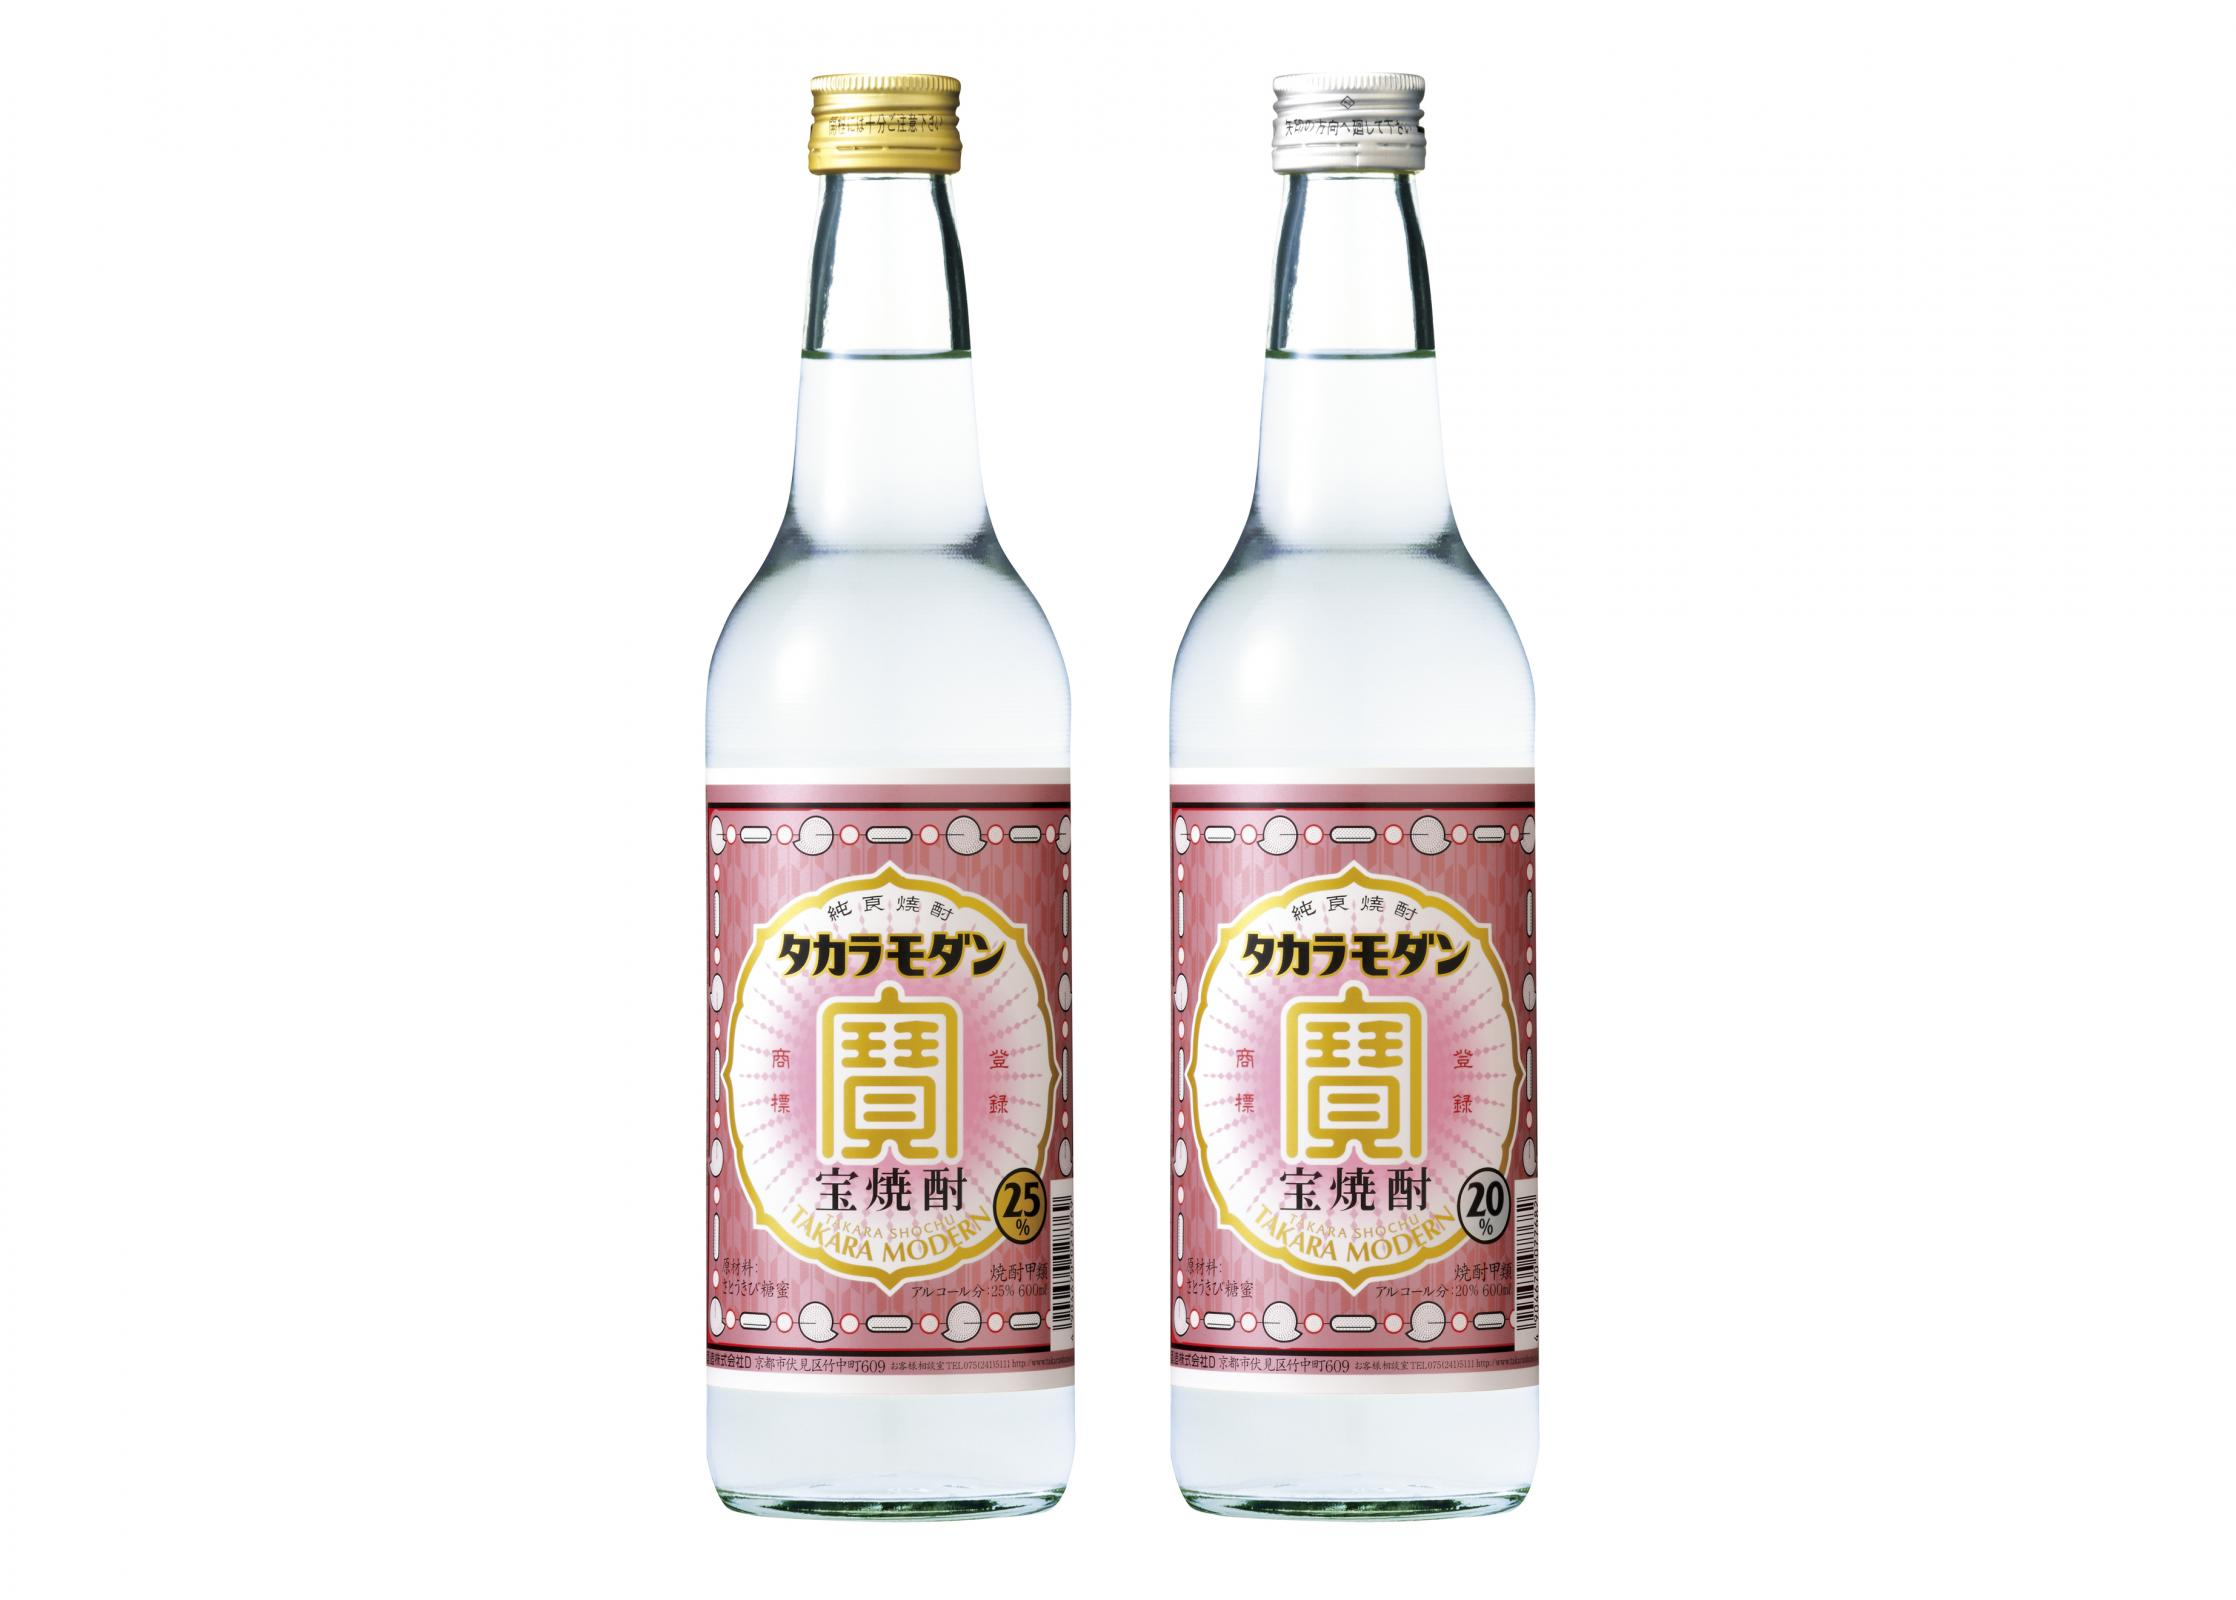 宝焼酎「タカラモダン」 新発売 | 宝酒造株式会社